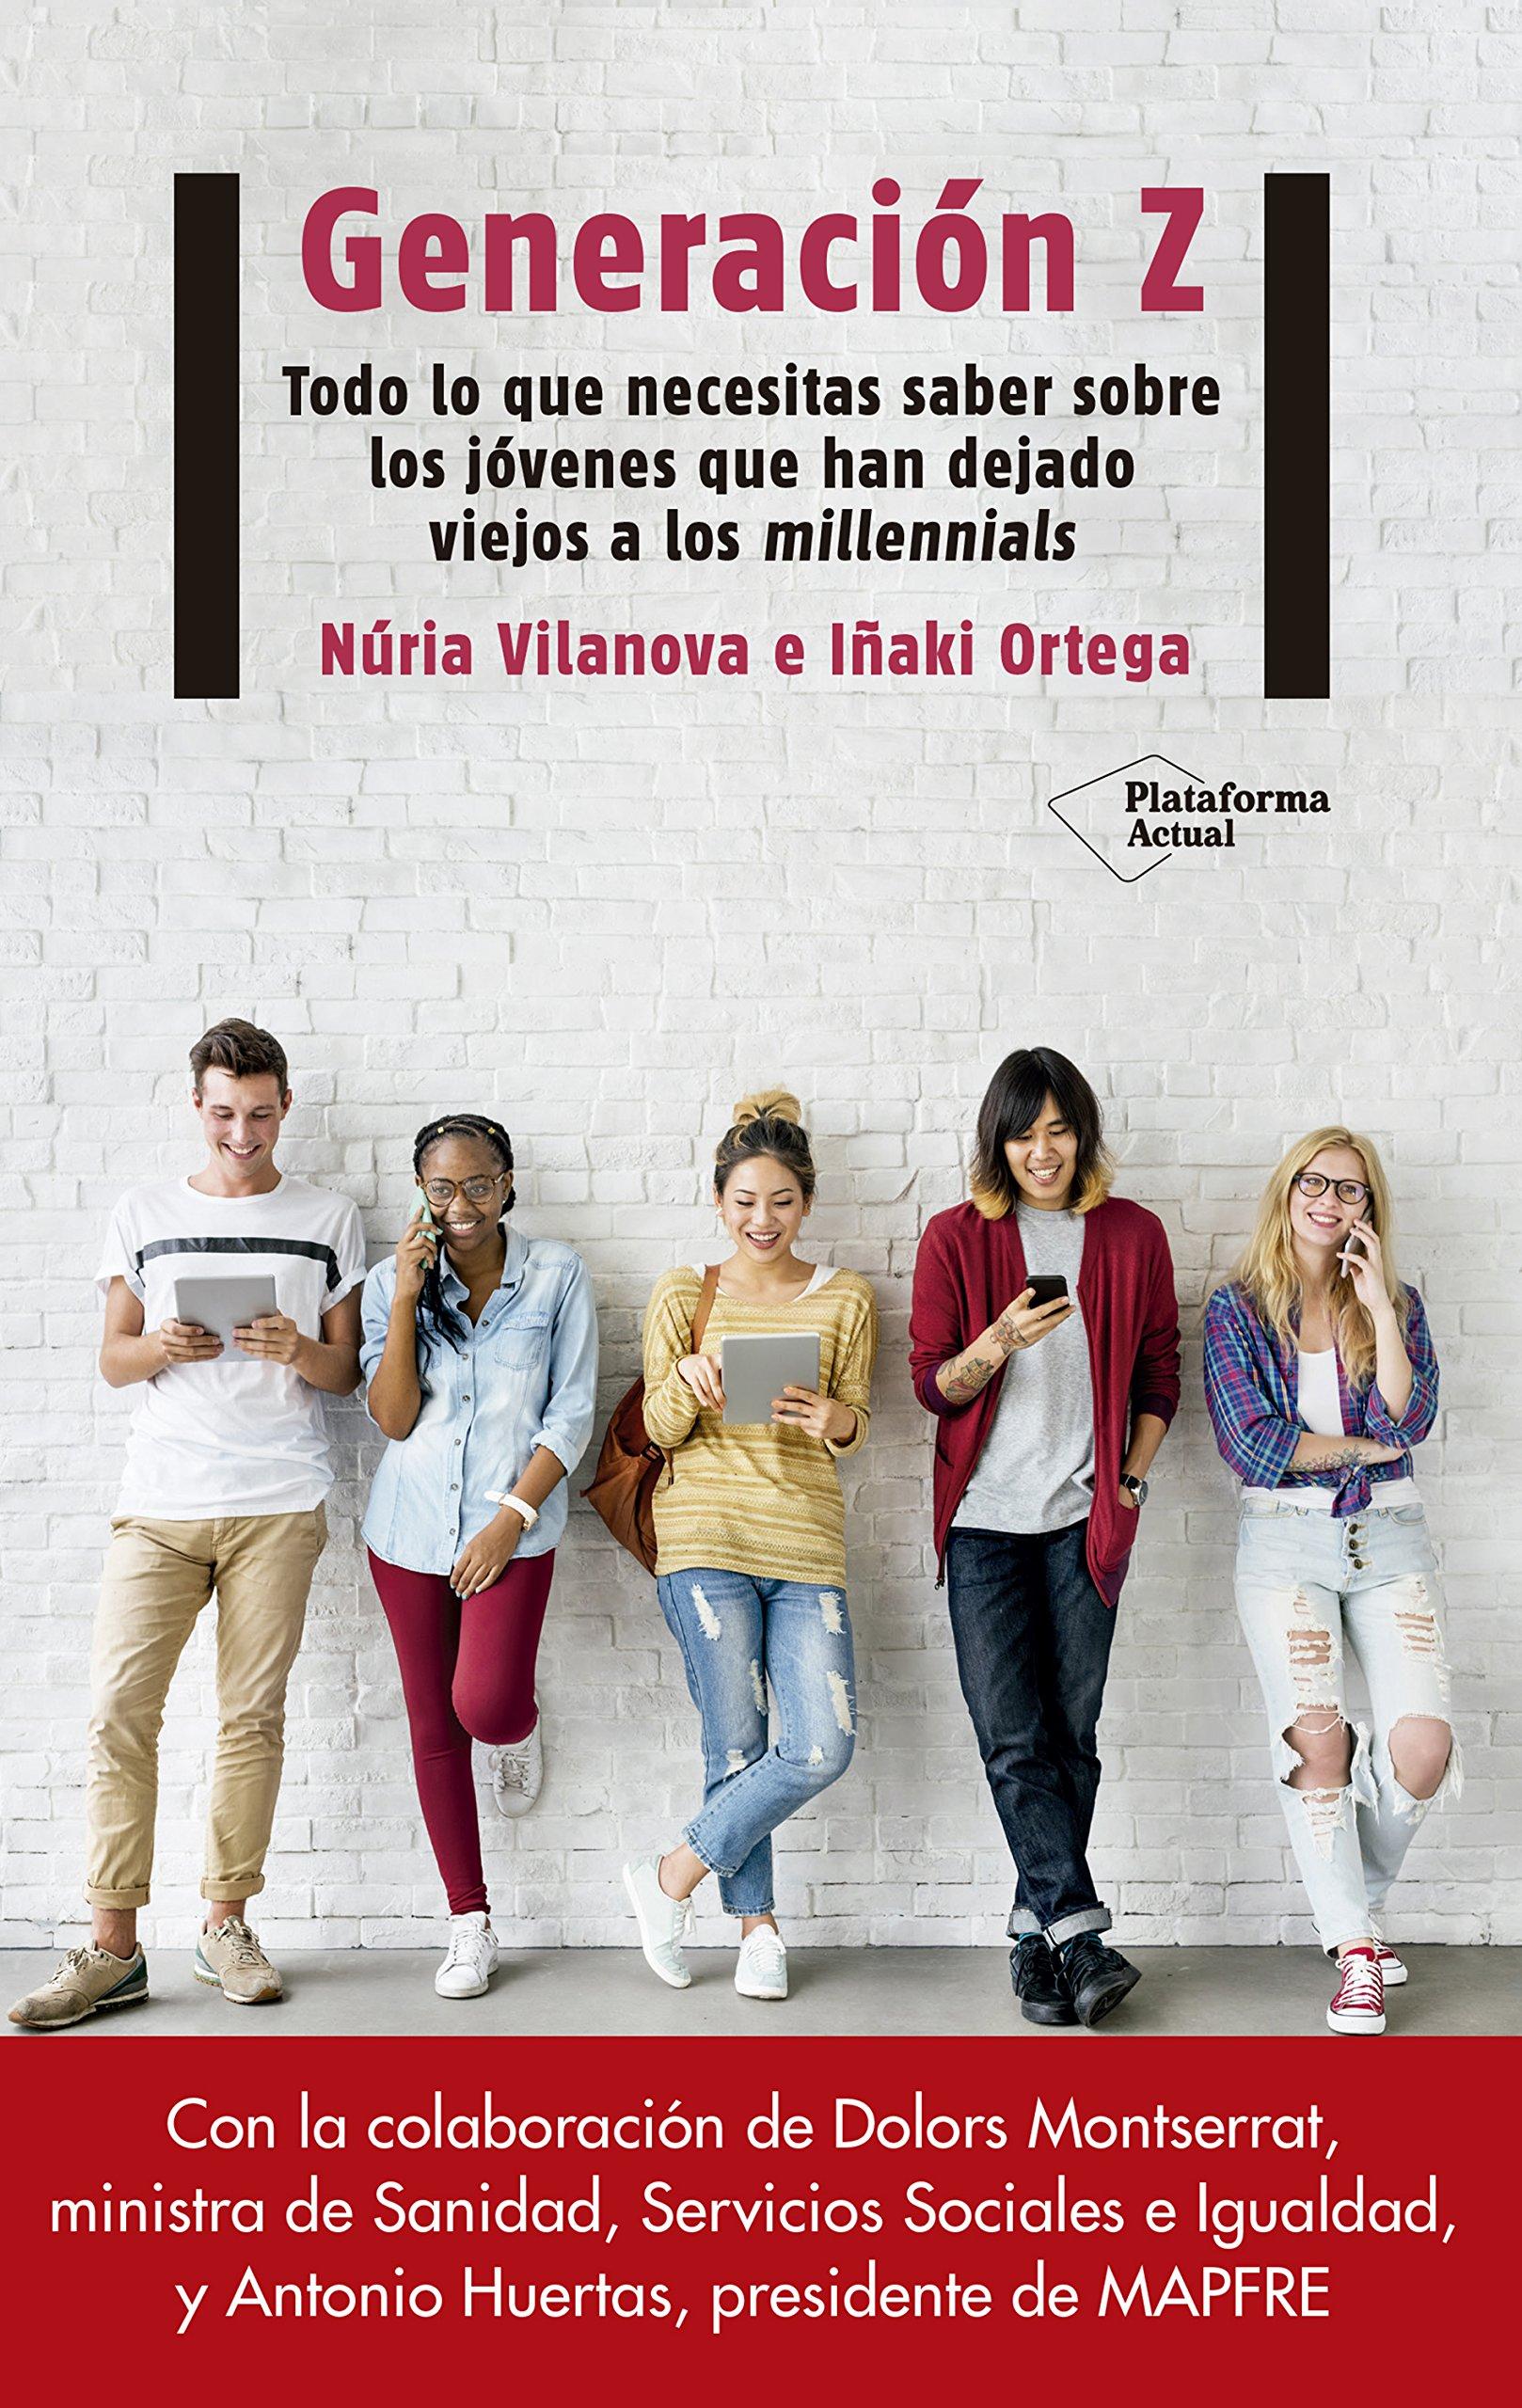 Generación Z: Todo lo que necesitas saber sobre los jóvenes que han dejado viejos a los millennials (Spanish Edition)